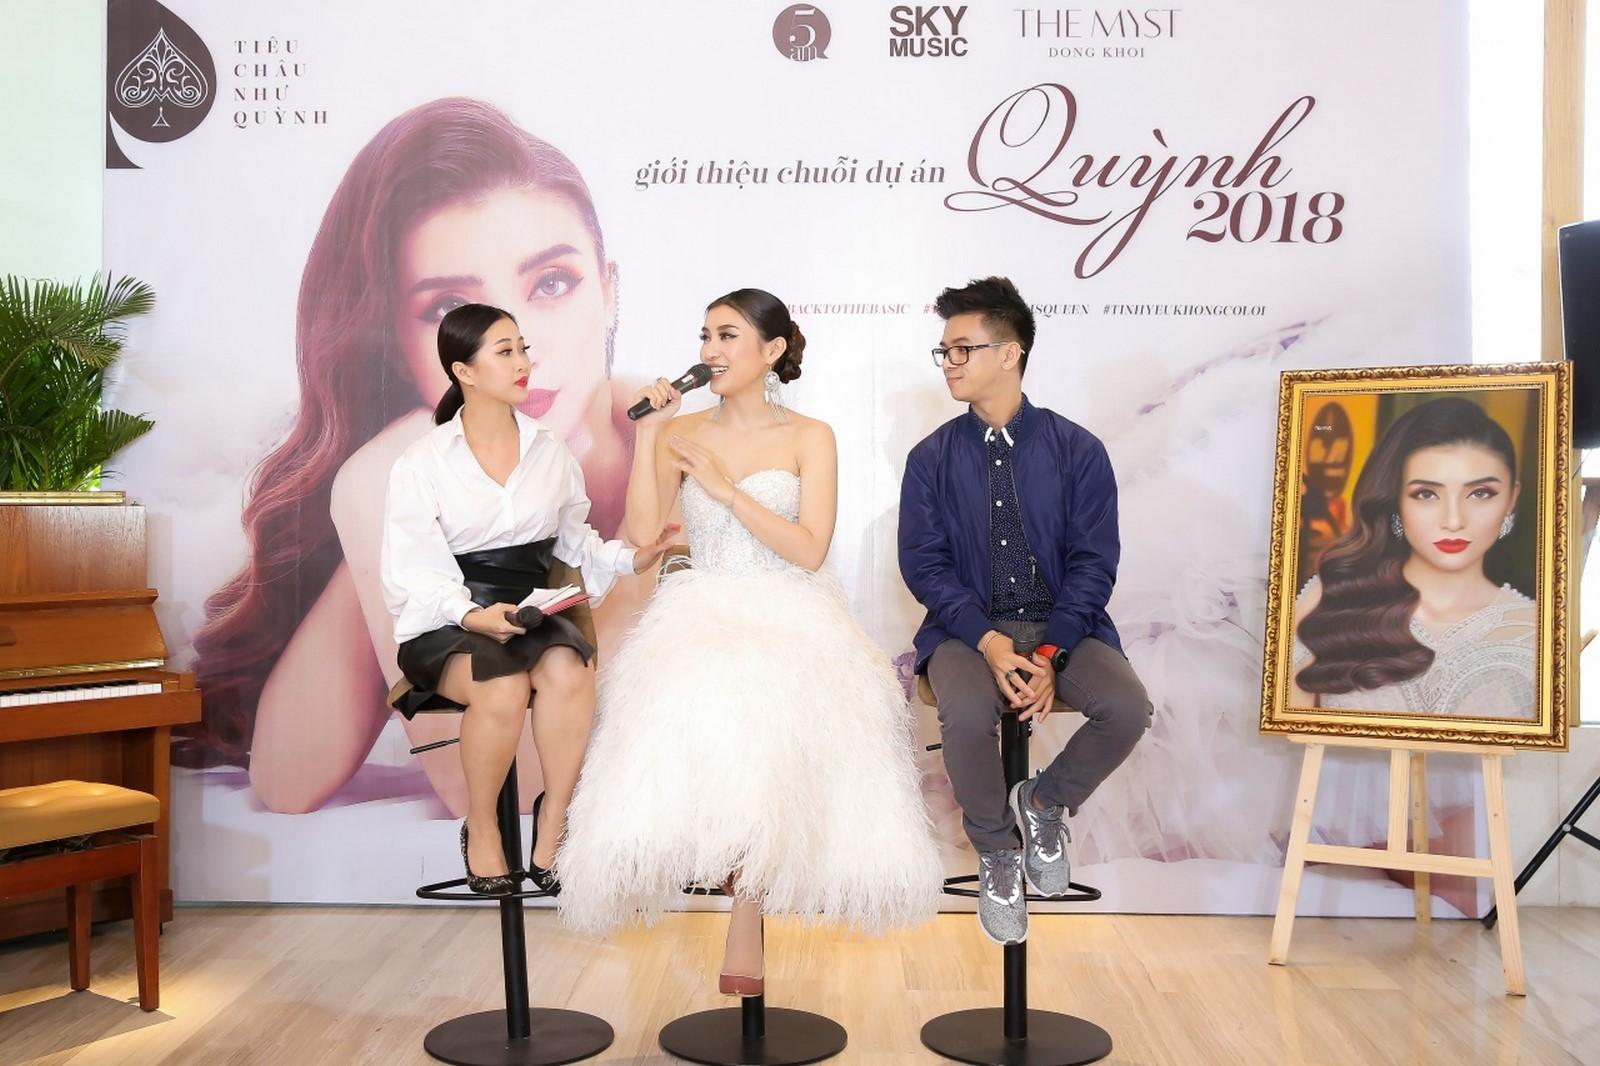 Tiêu Châu Như Quỳnh khóc trước mặt Lam Trường khi ra mắt album - Hình 4